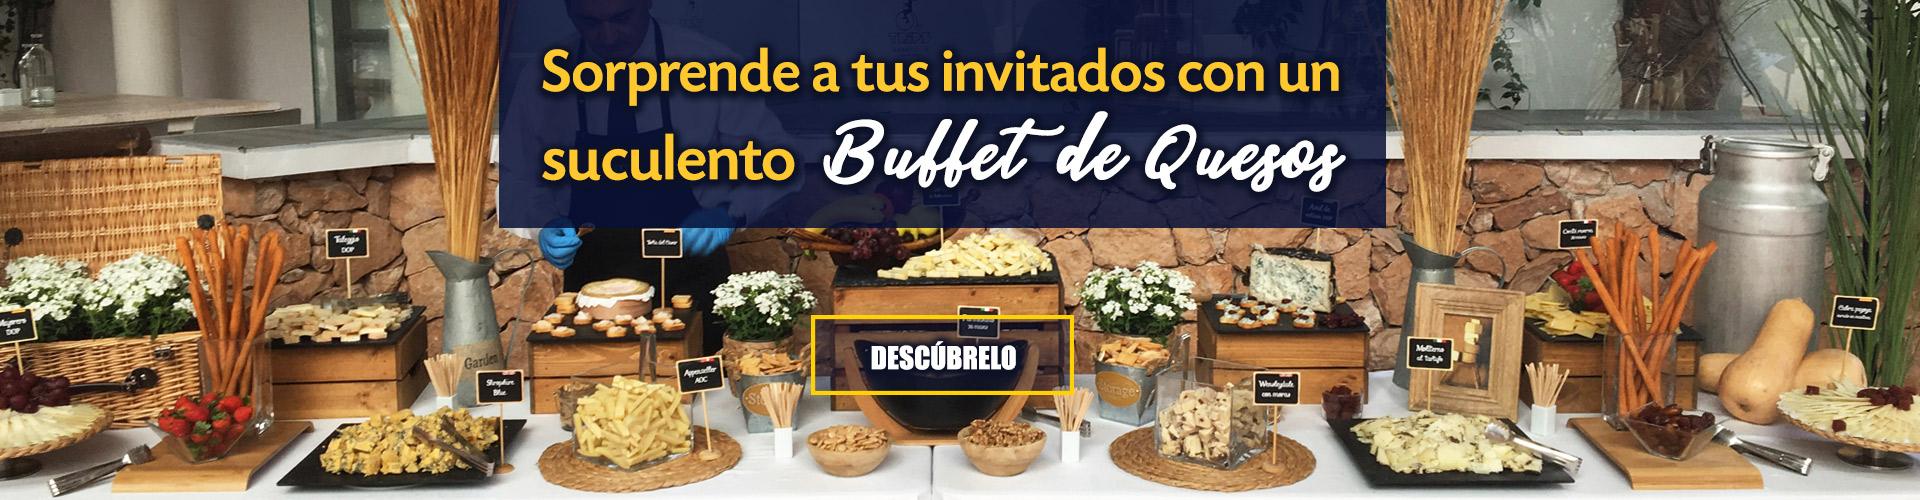 Buffet de quesos pedro diaz